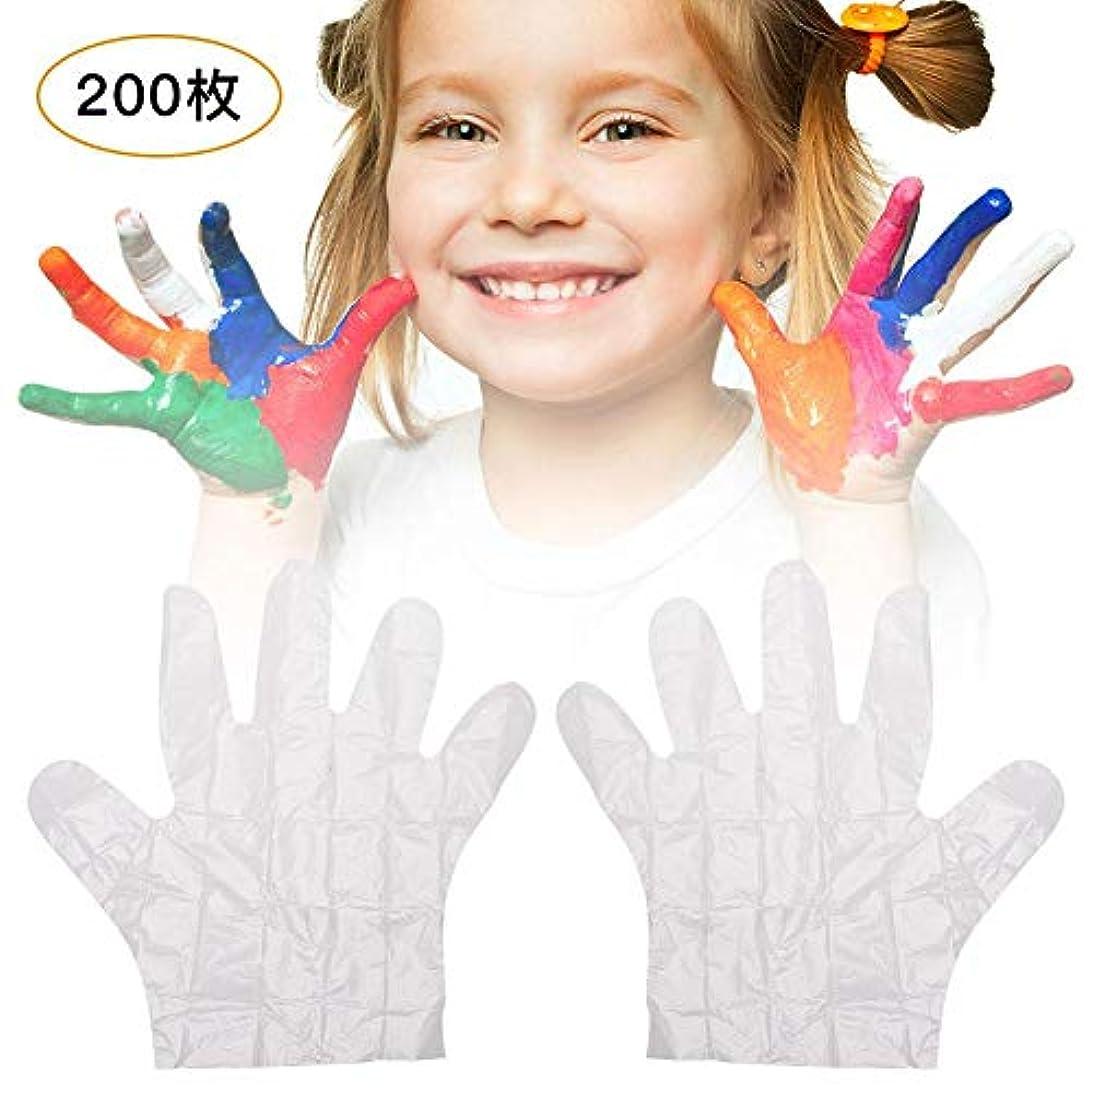 プールセイはさておき論争の的使い捨て手袋 子供用 極薄ビニール手袋 LUERME ポリエチレン 透明 実用 衛生 100枚/200枚セット 左右兼用